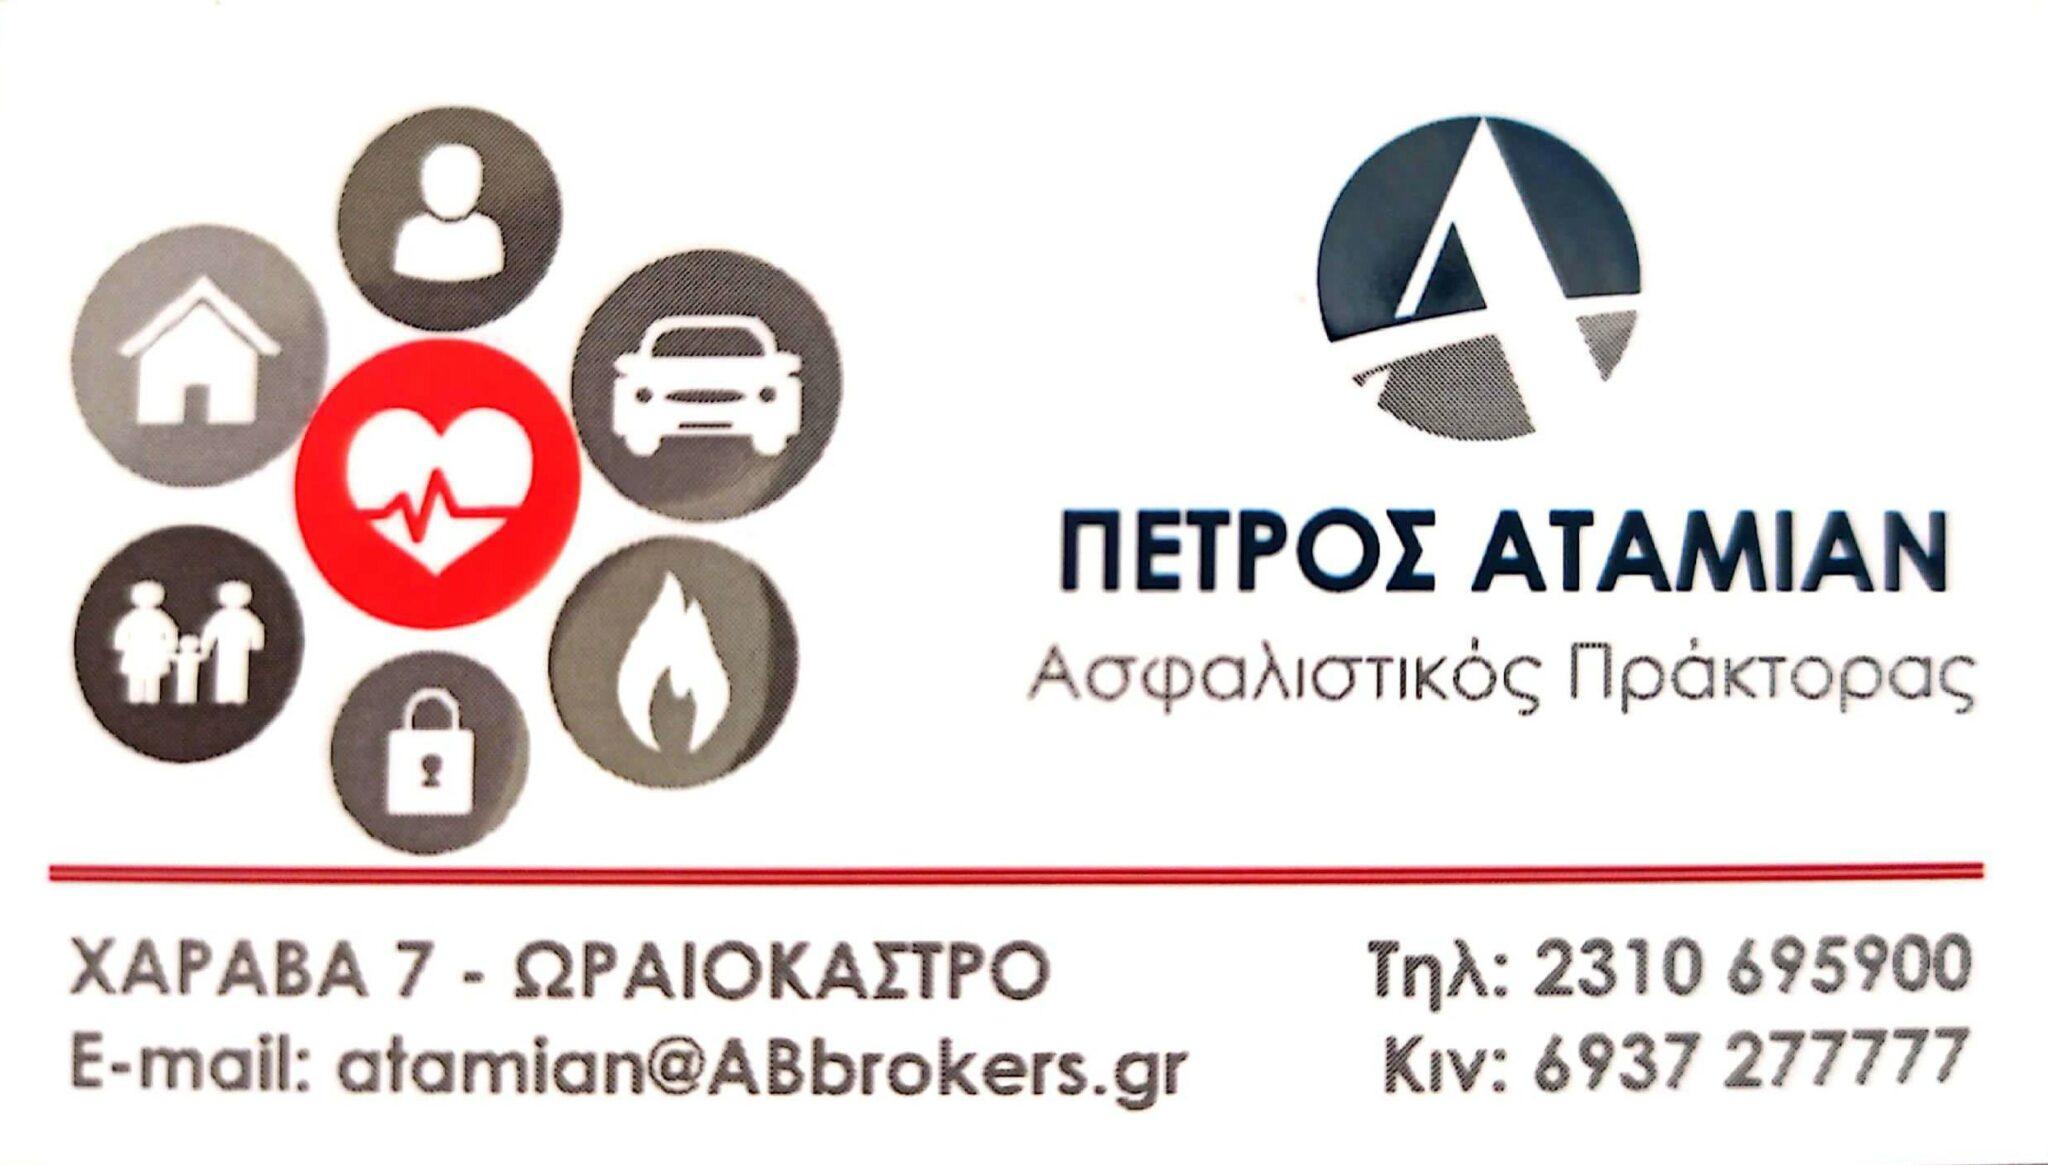 ΠΕΤΡΟΣ ΑΤΑΜΙΑΝ-ΑΣΦΑΛΙΣΤΙΚΟΣ ΠΡΑΚΤΟΡΑΣ